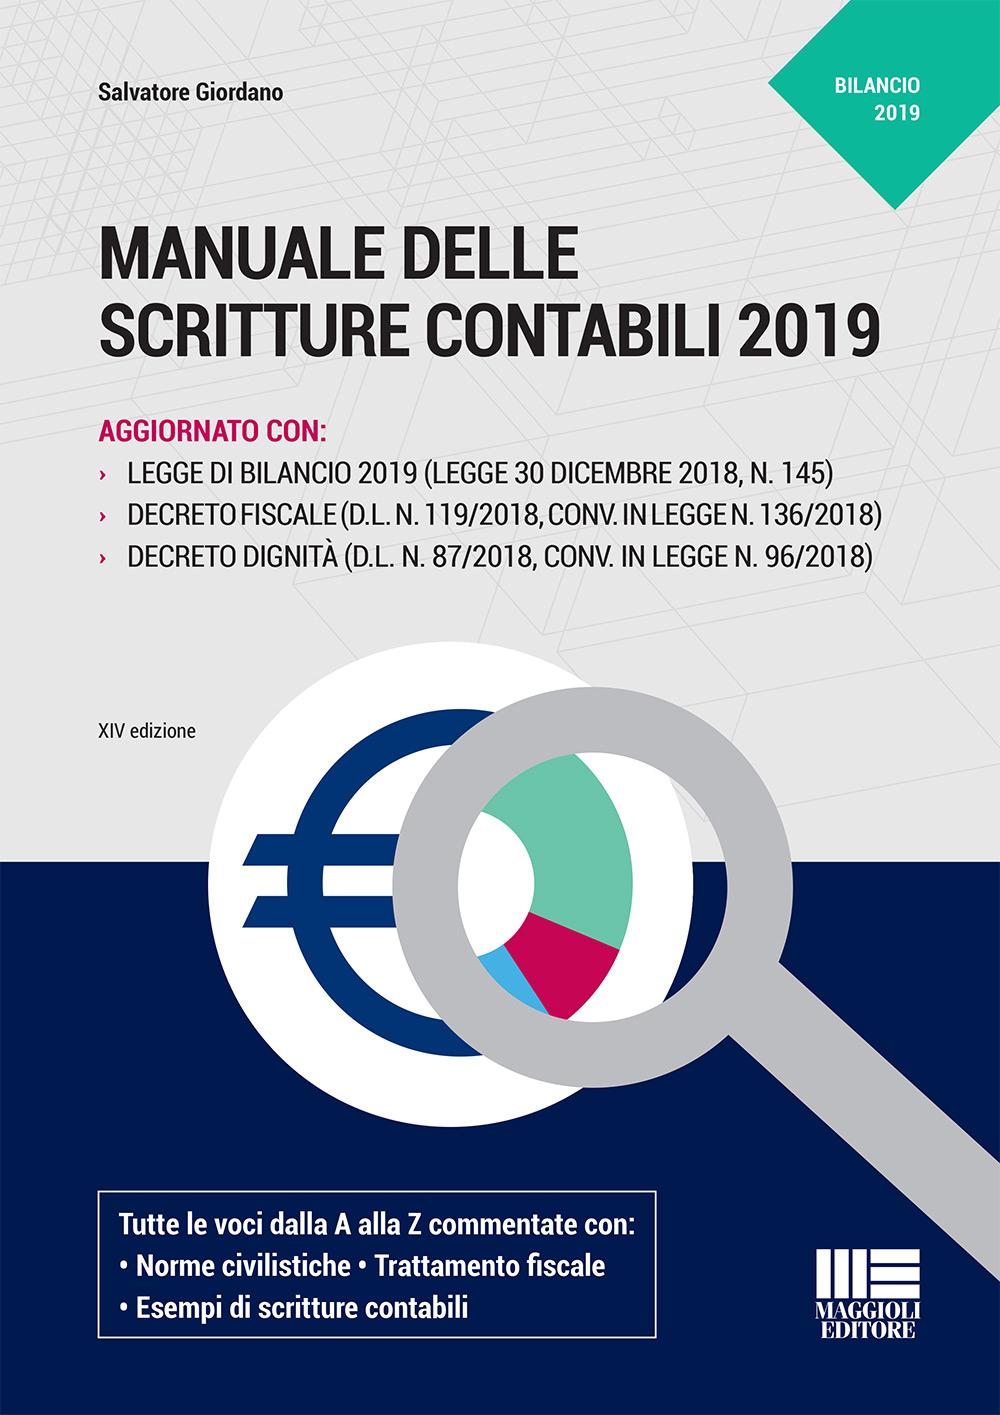 Manuale delle scritture contabili 2019 - Libro carta